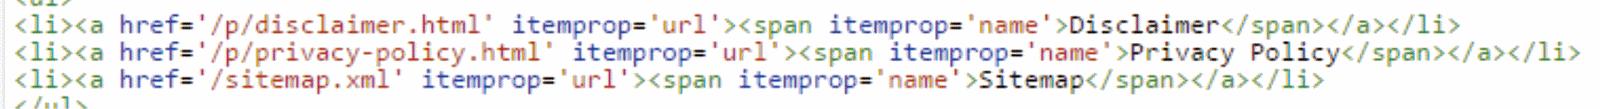 contoh edit navigasi 1